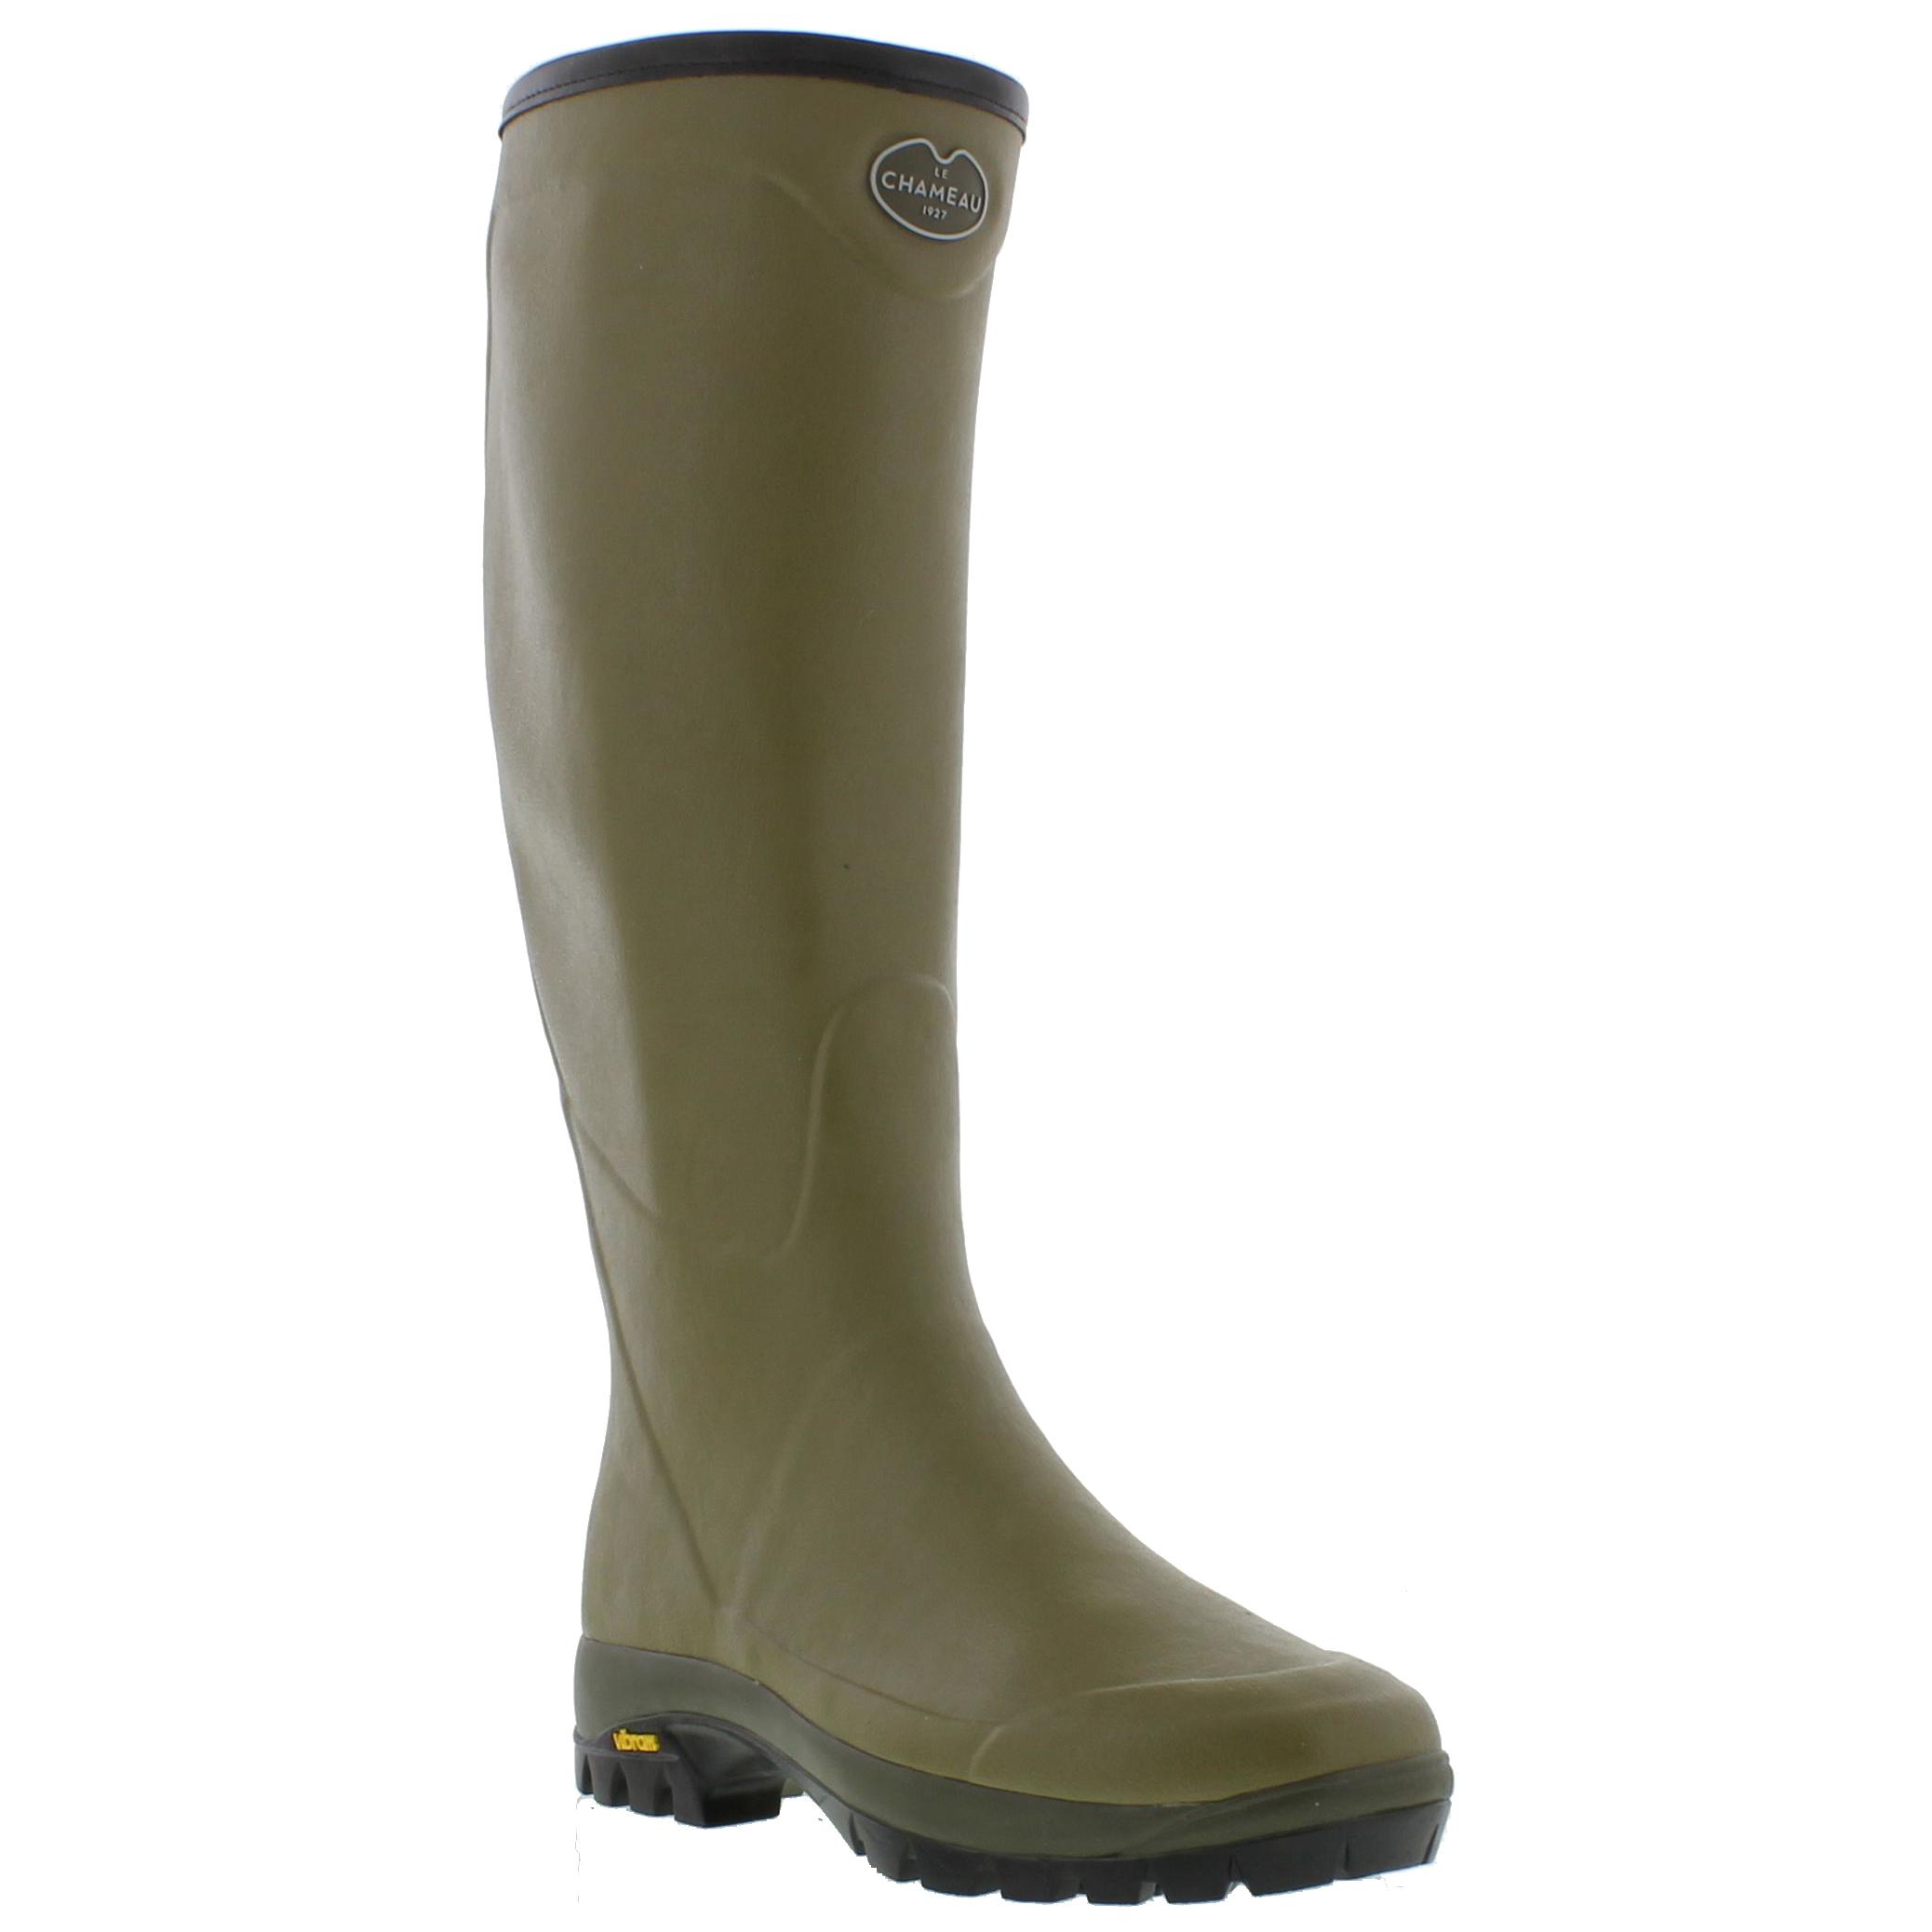 Details zu Le Chameau Country Vibram Mens Wellies Wellington Boots Size 6.5 11